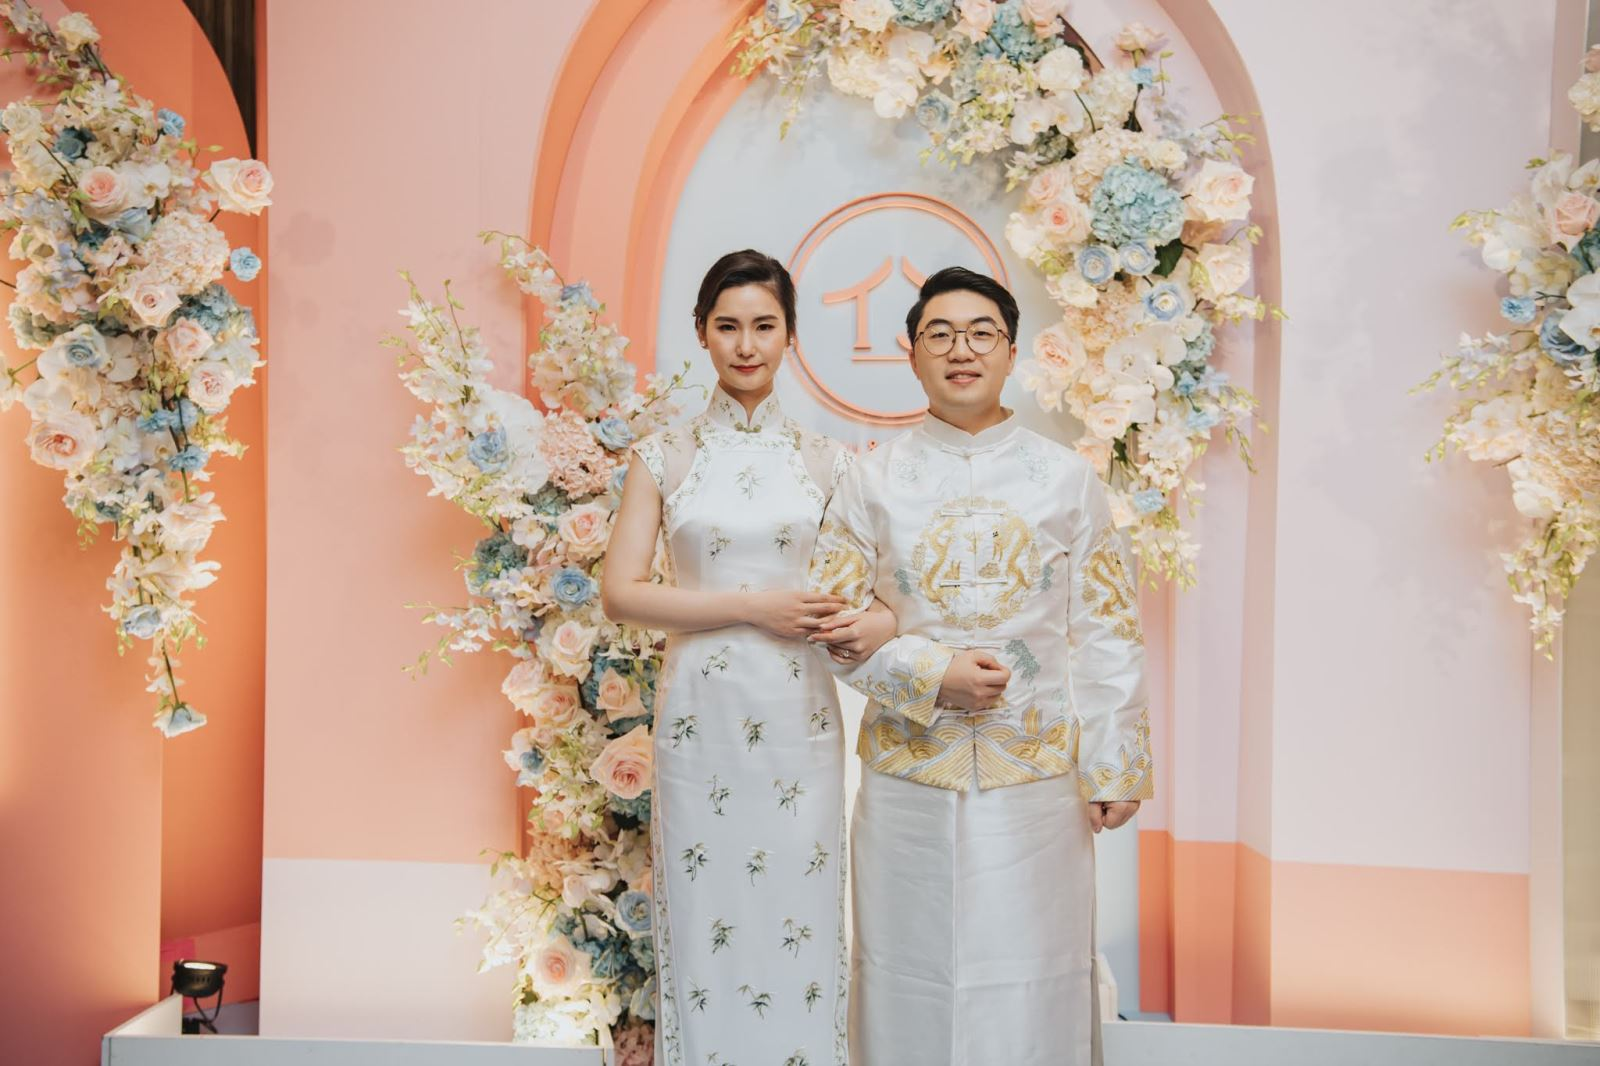 新郎與新娘穿白色旗袍